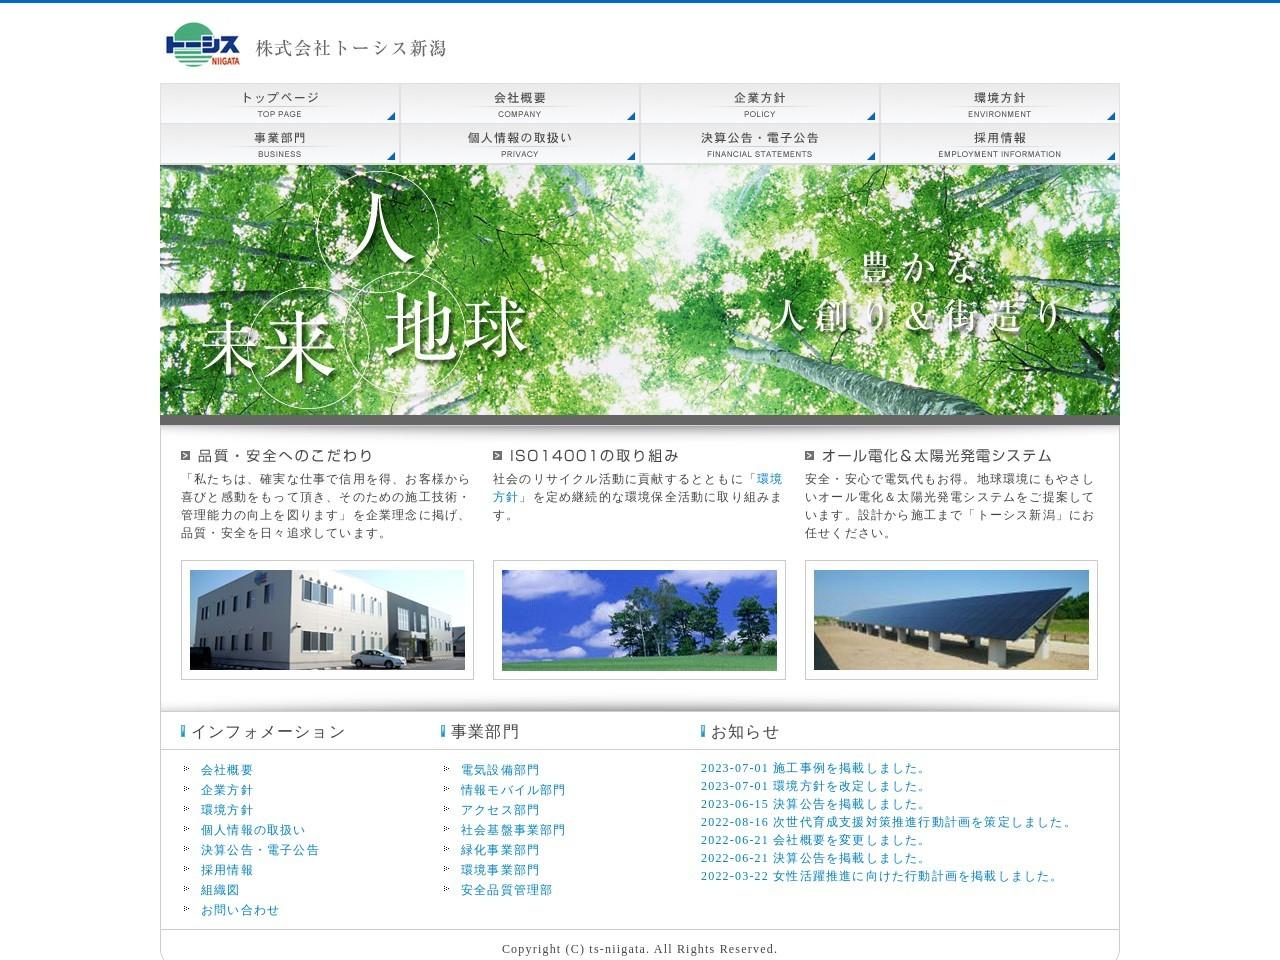 株式会社トーシス新潟/本社